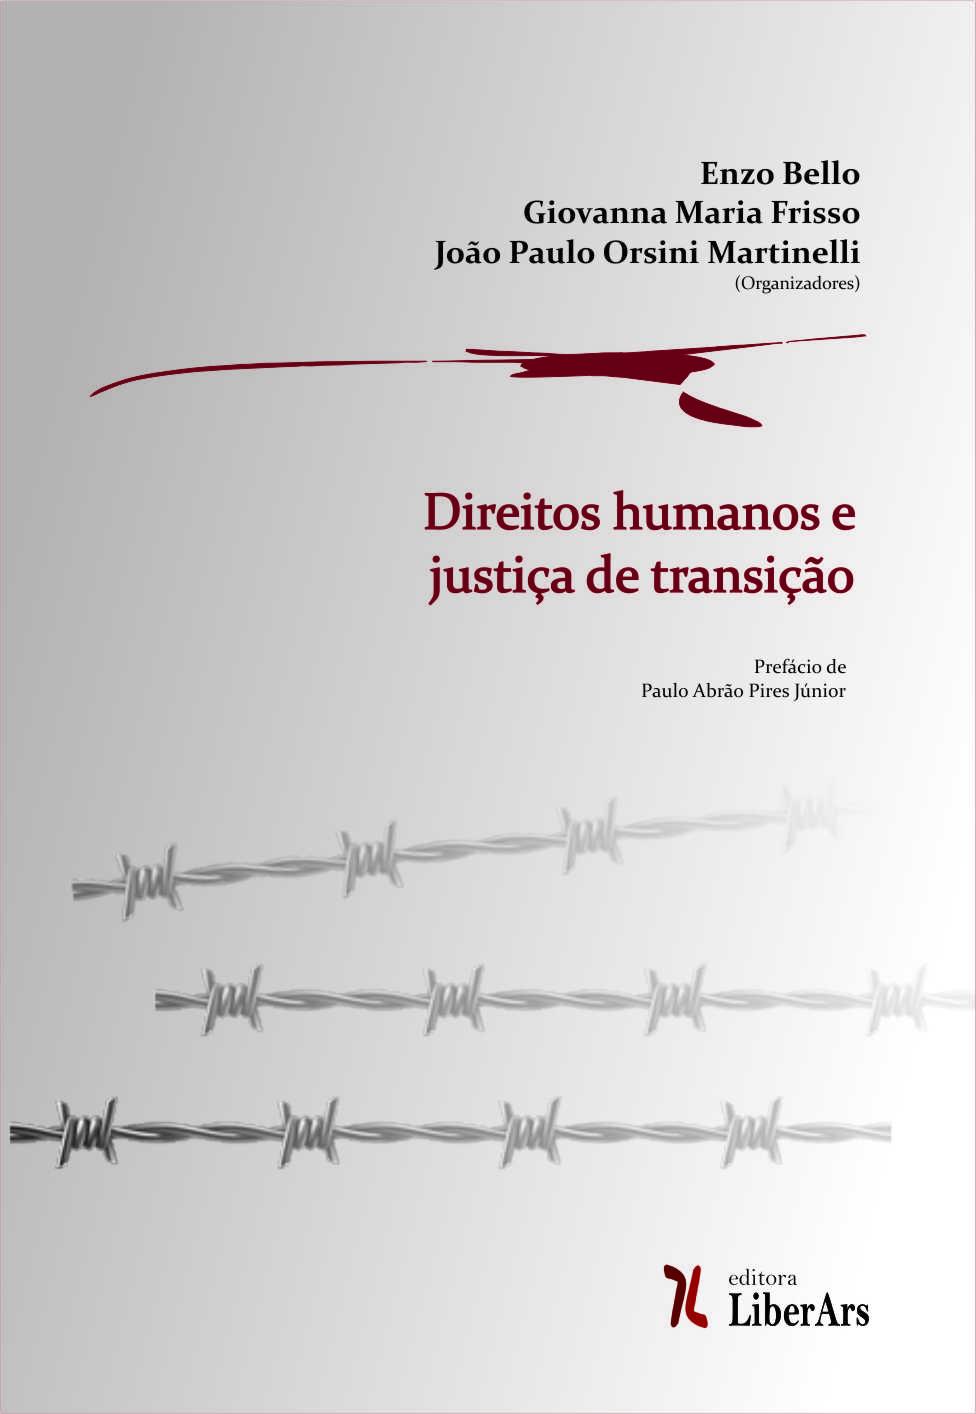 Direitos humanos e justiça de transição, livro de João Paulo Orsini Martinelli, Giovanna Maria Friso, Enzo Bello (organizadores